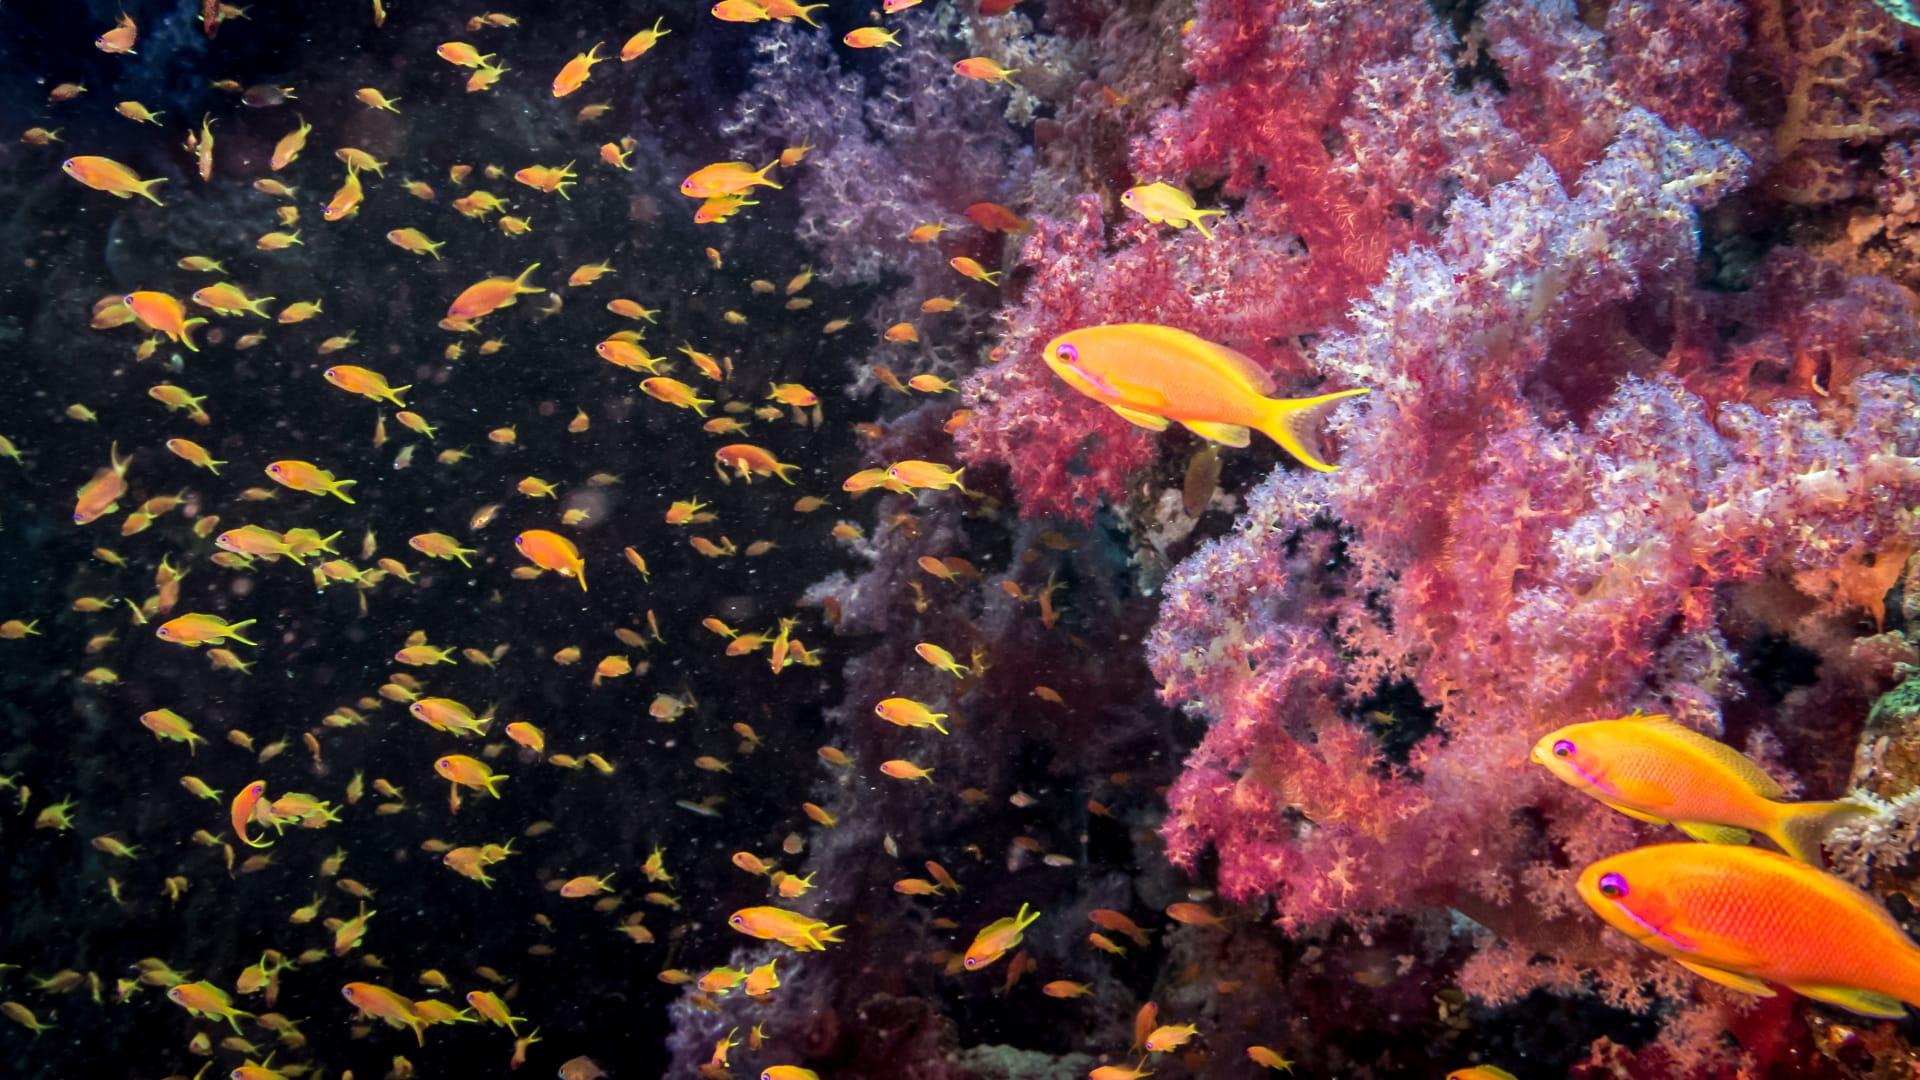 قبلة الغواصين في العالم..اكتشف عجائب الطبيعة بمحمية رأس محمد في مصر